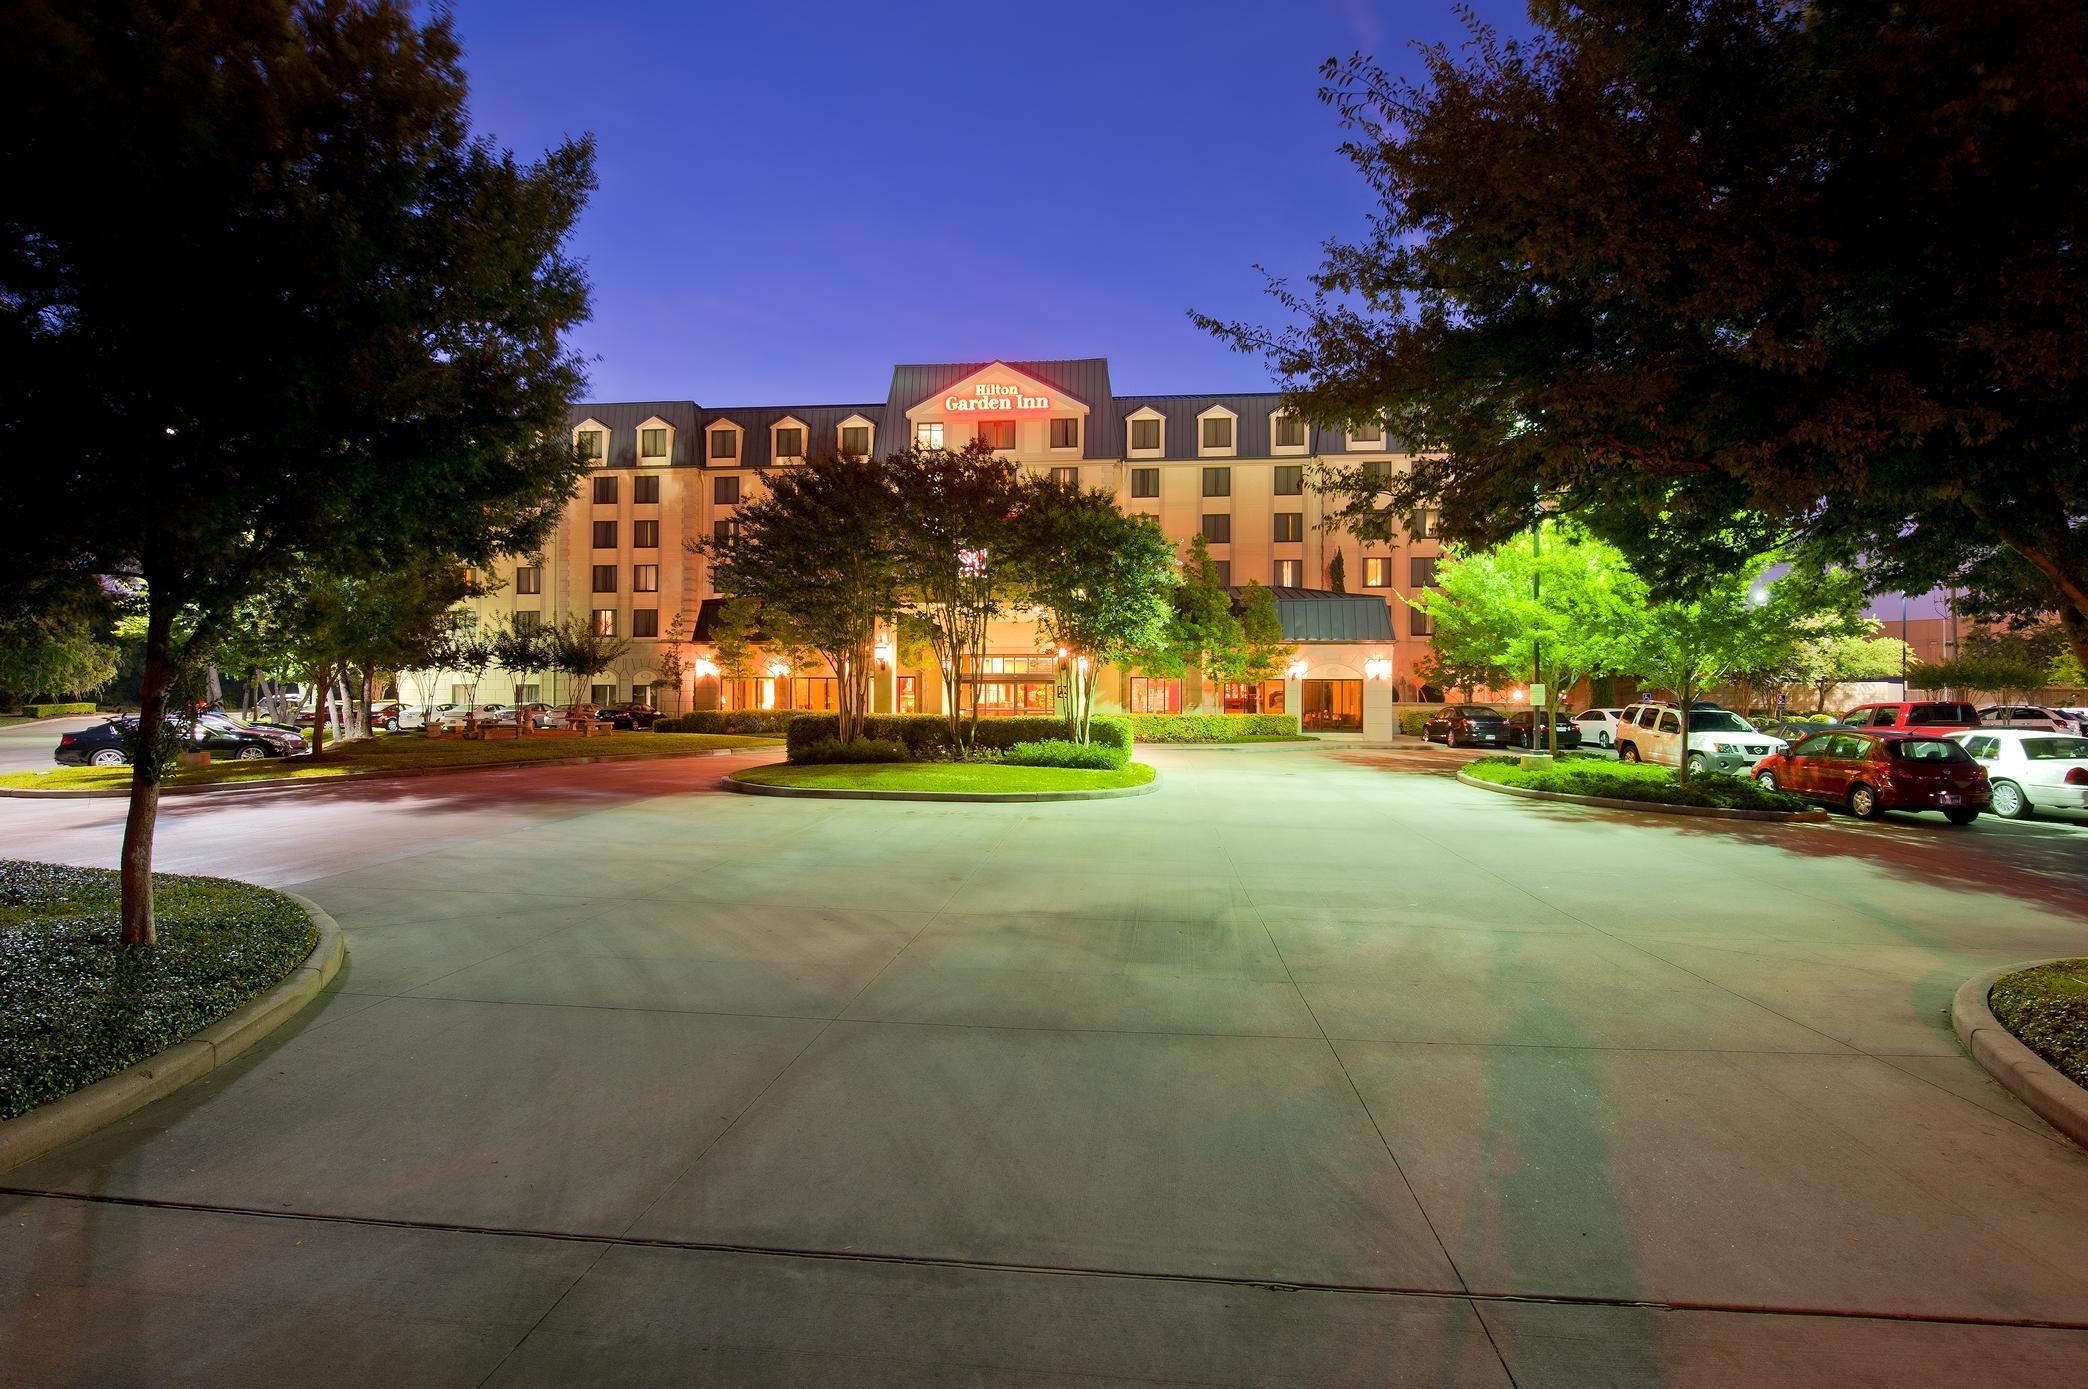 Hilton garden inn houston nw willowbrook houston texas - Hilton garden inn houston nw willowbrook ...